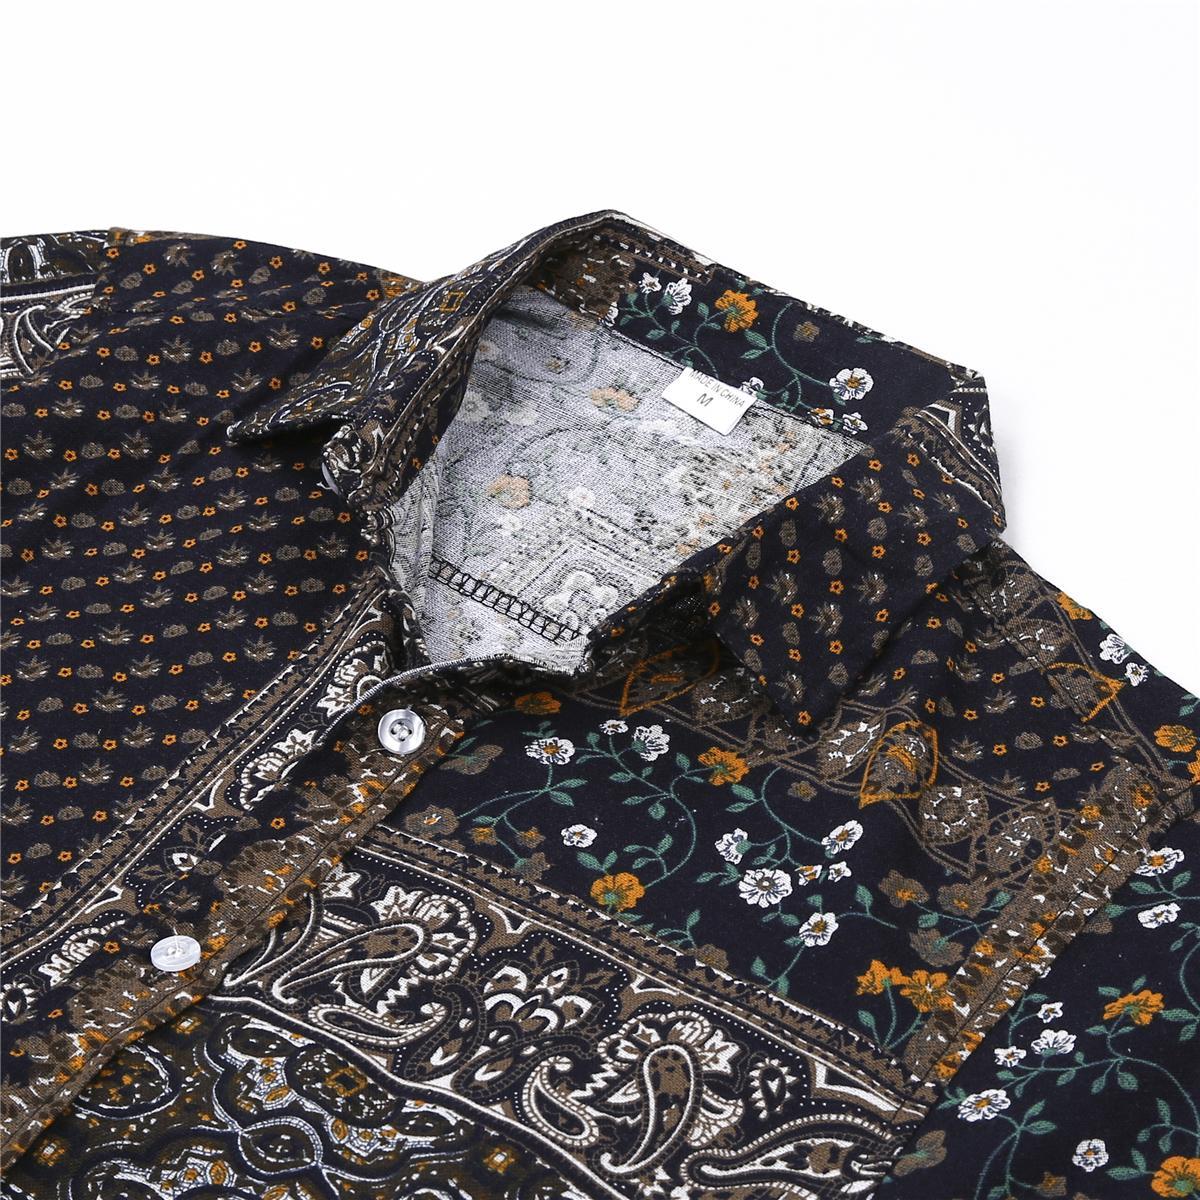 Moda para hombre Ropa de Playa Camisas de Hawaii tropical verano de manga corta Ropa Botón ocasionales flojas camisas más el tamaño M-5XL